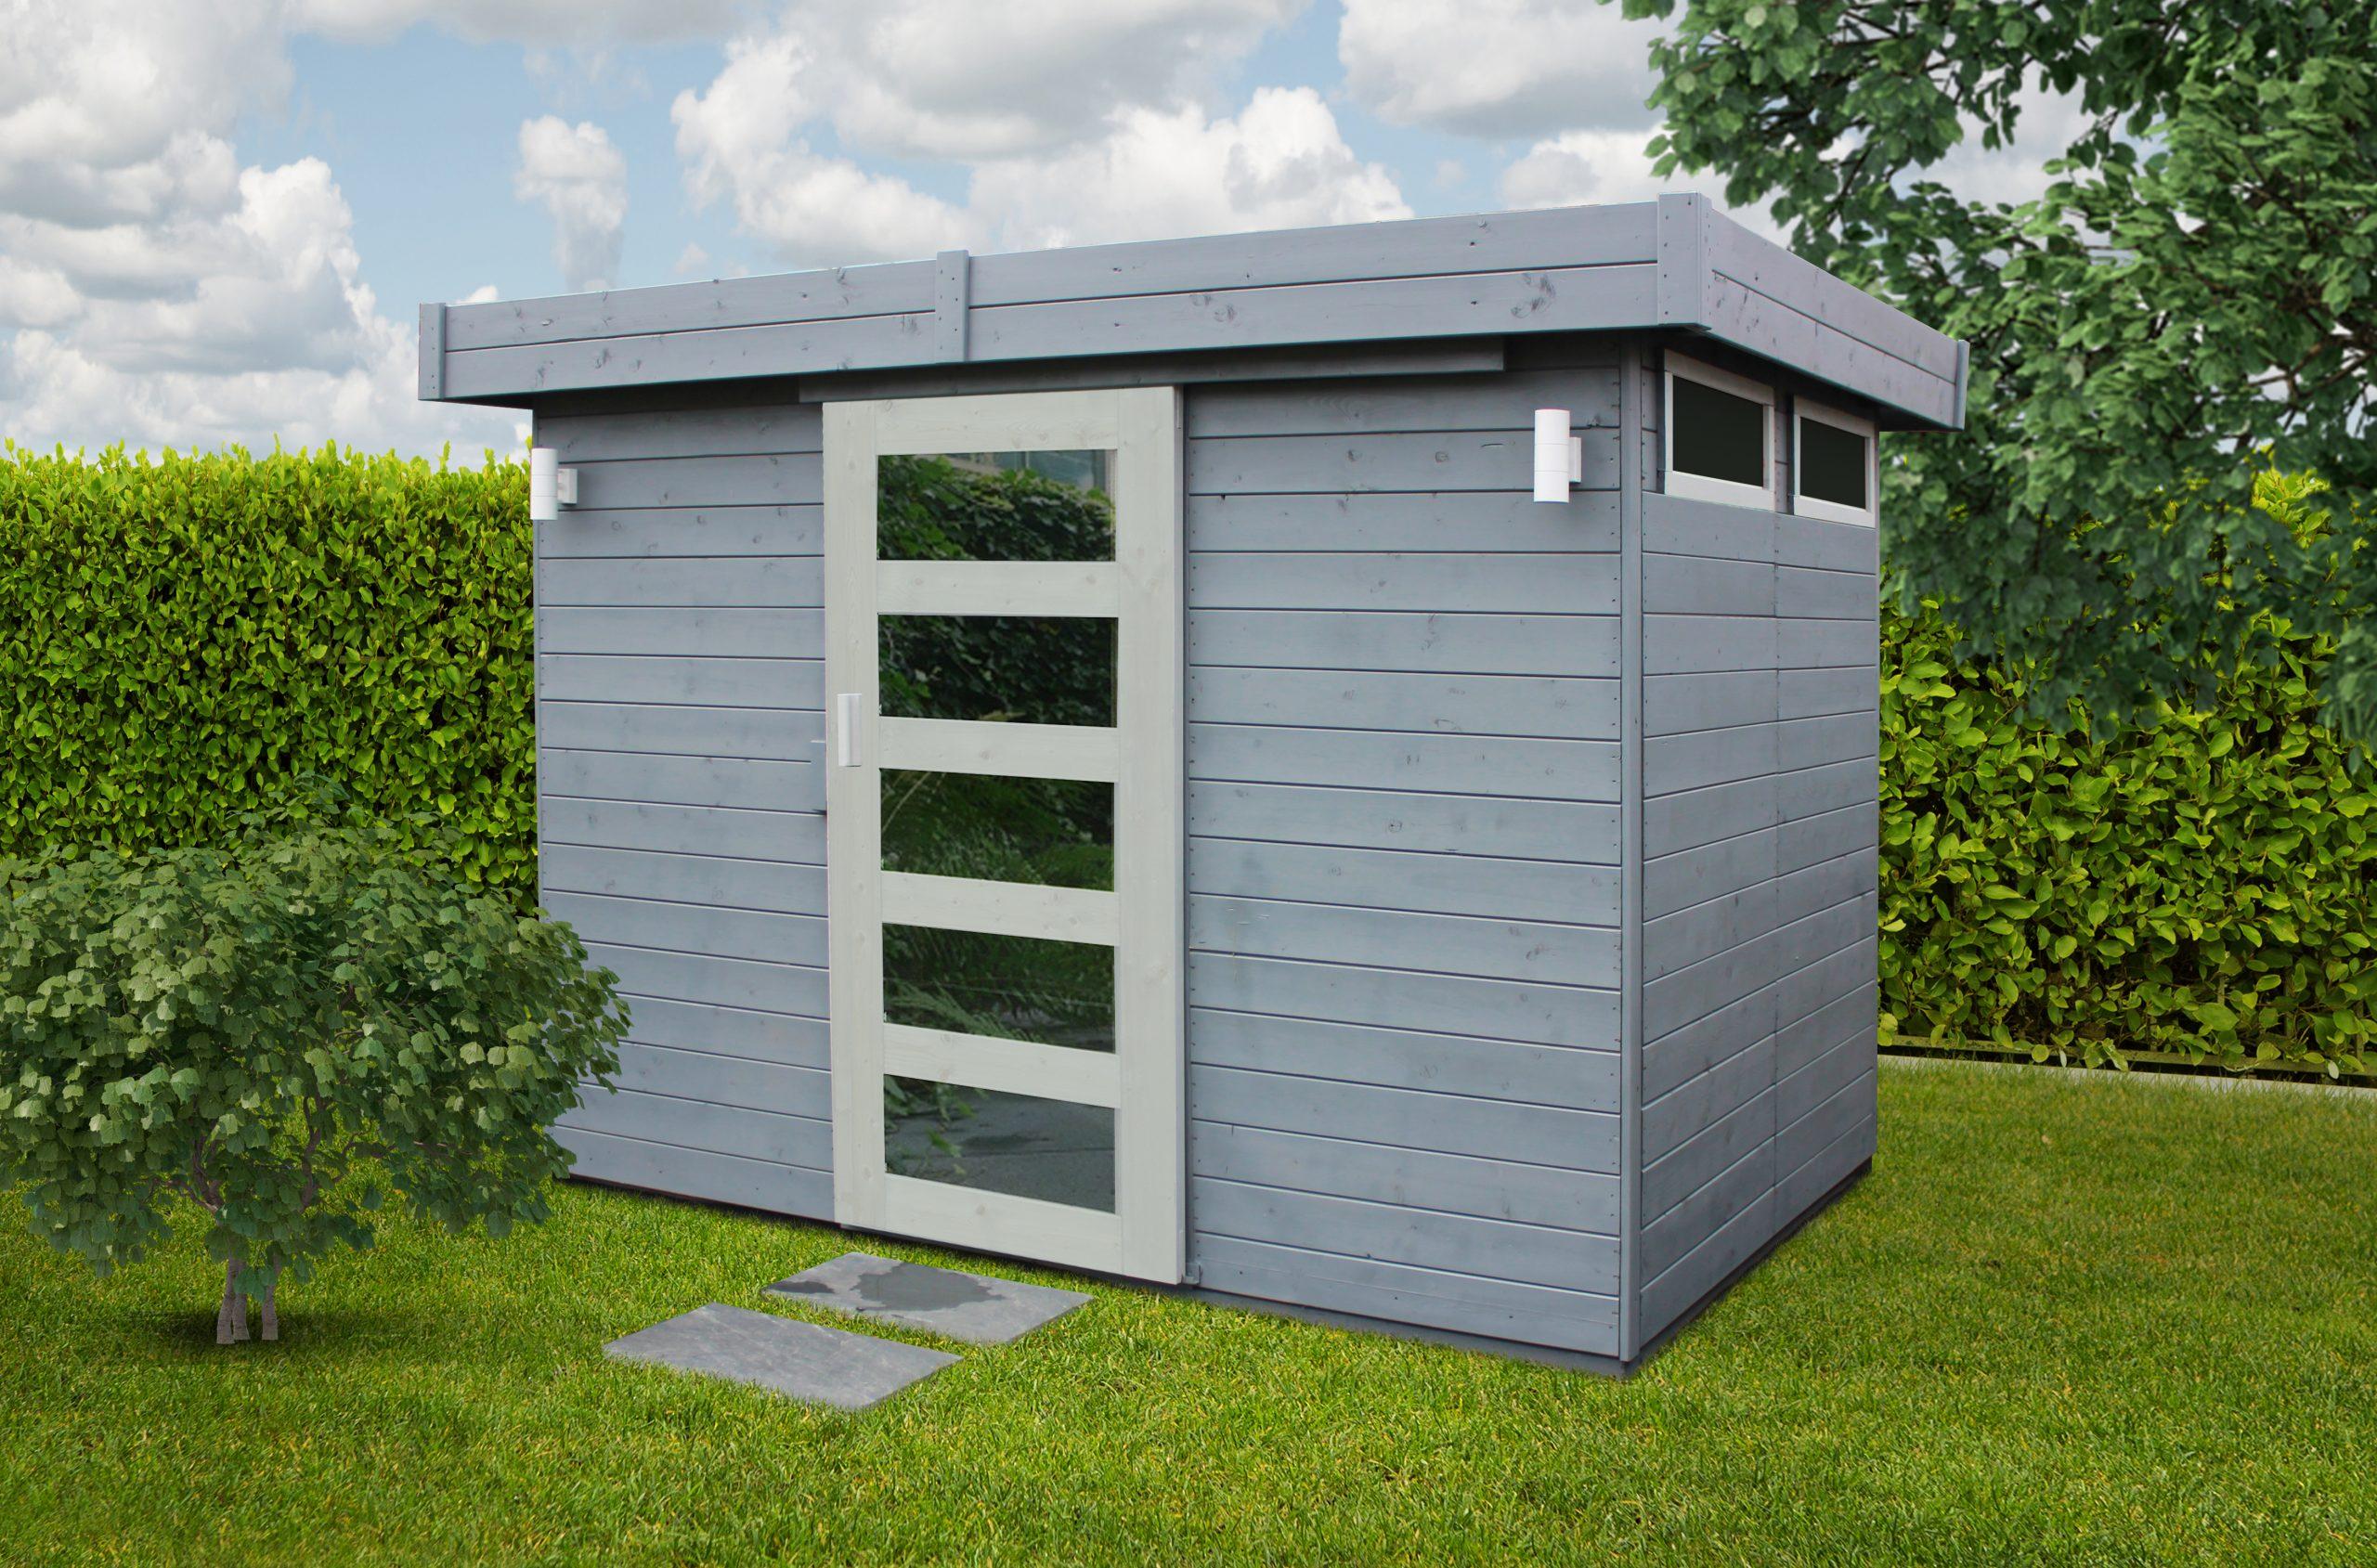 Abri De Jardin Lund 19 Mm 2,67 X 1,88 M Solid - Mr.bricolage tout Abri De Jardin Mr Bricolage